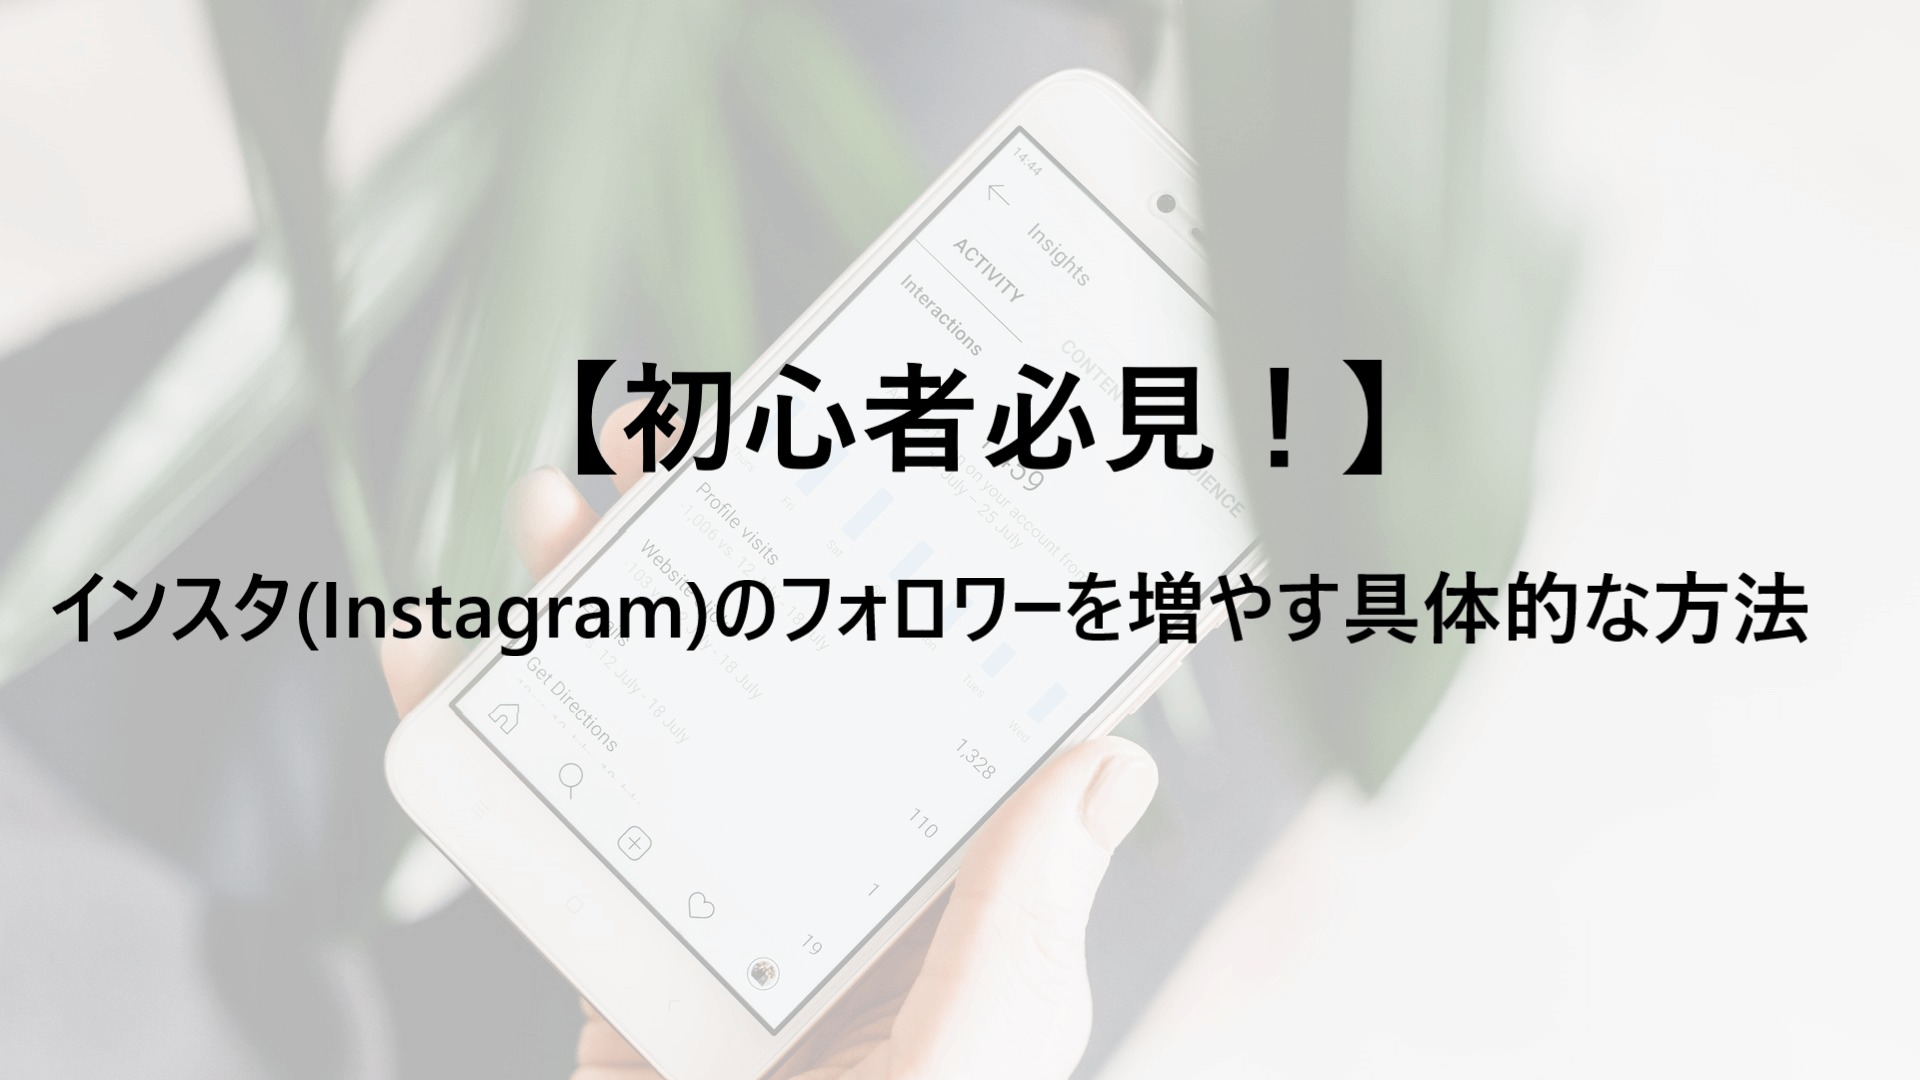 【初心者必見!】インスタ(Instagram)のフォロワーを増やす具体的な方法